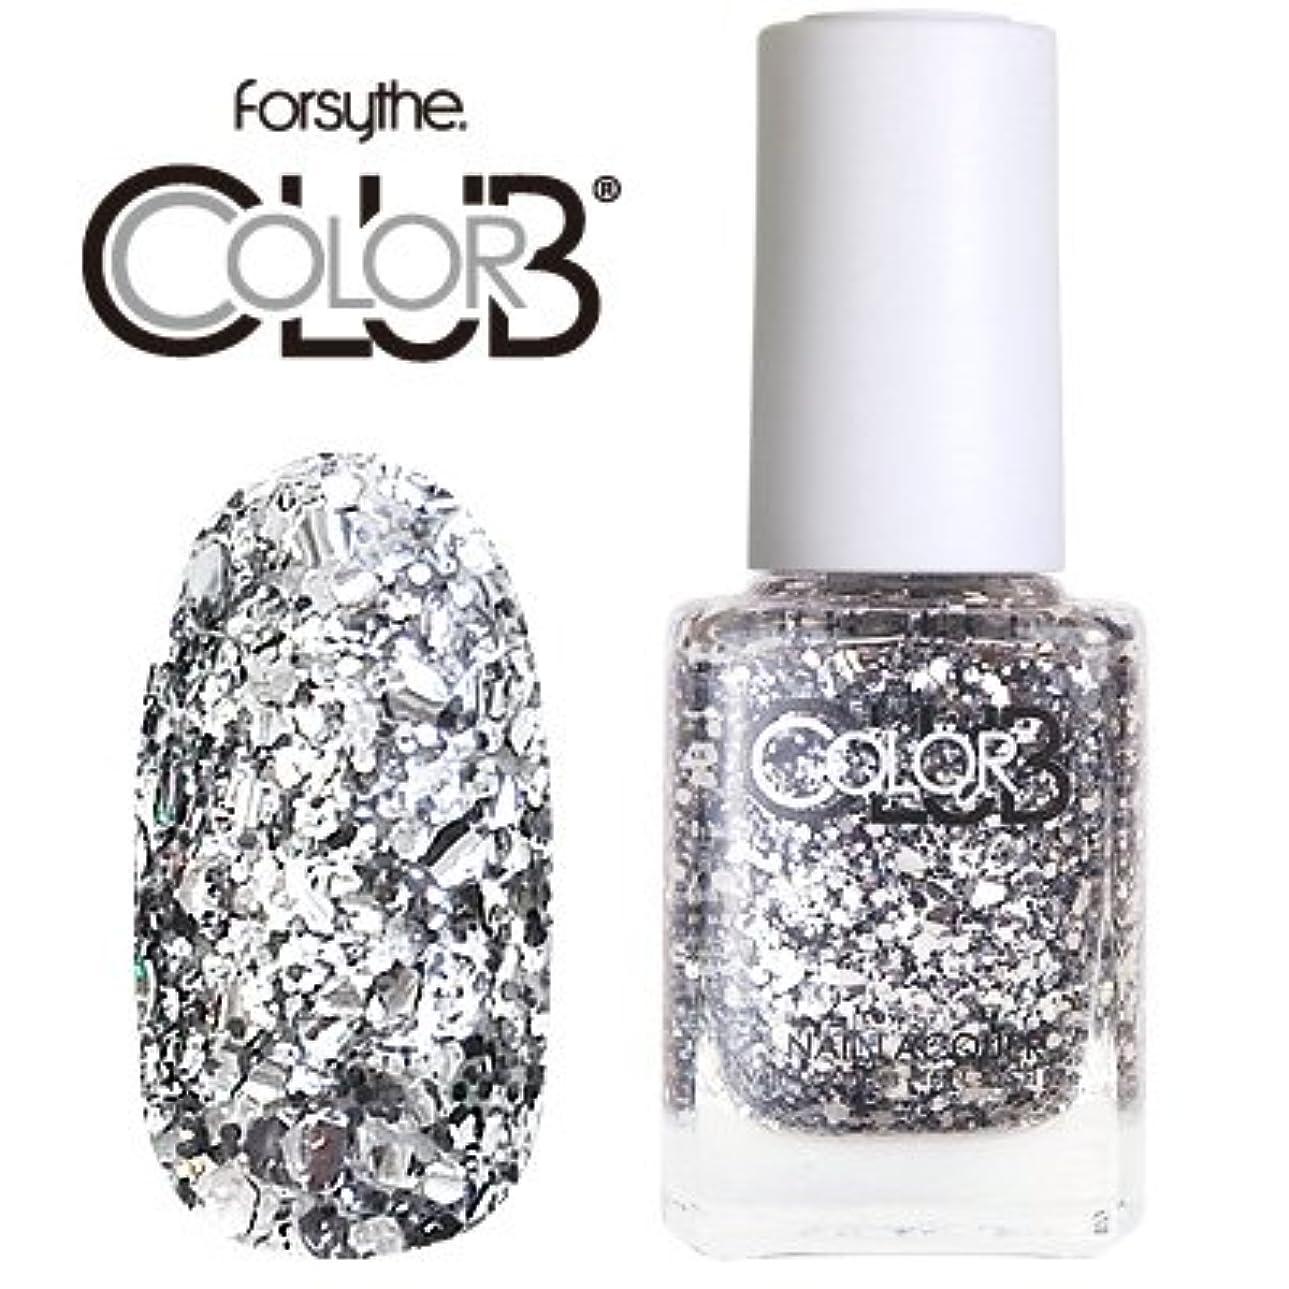 バラ色シャイニング憂鬱なフォーサイス カラークラブ 948/Platinum Record 【forsythe COLOR CLUB】【ネイルラッカー】【マニキュア】